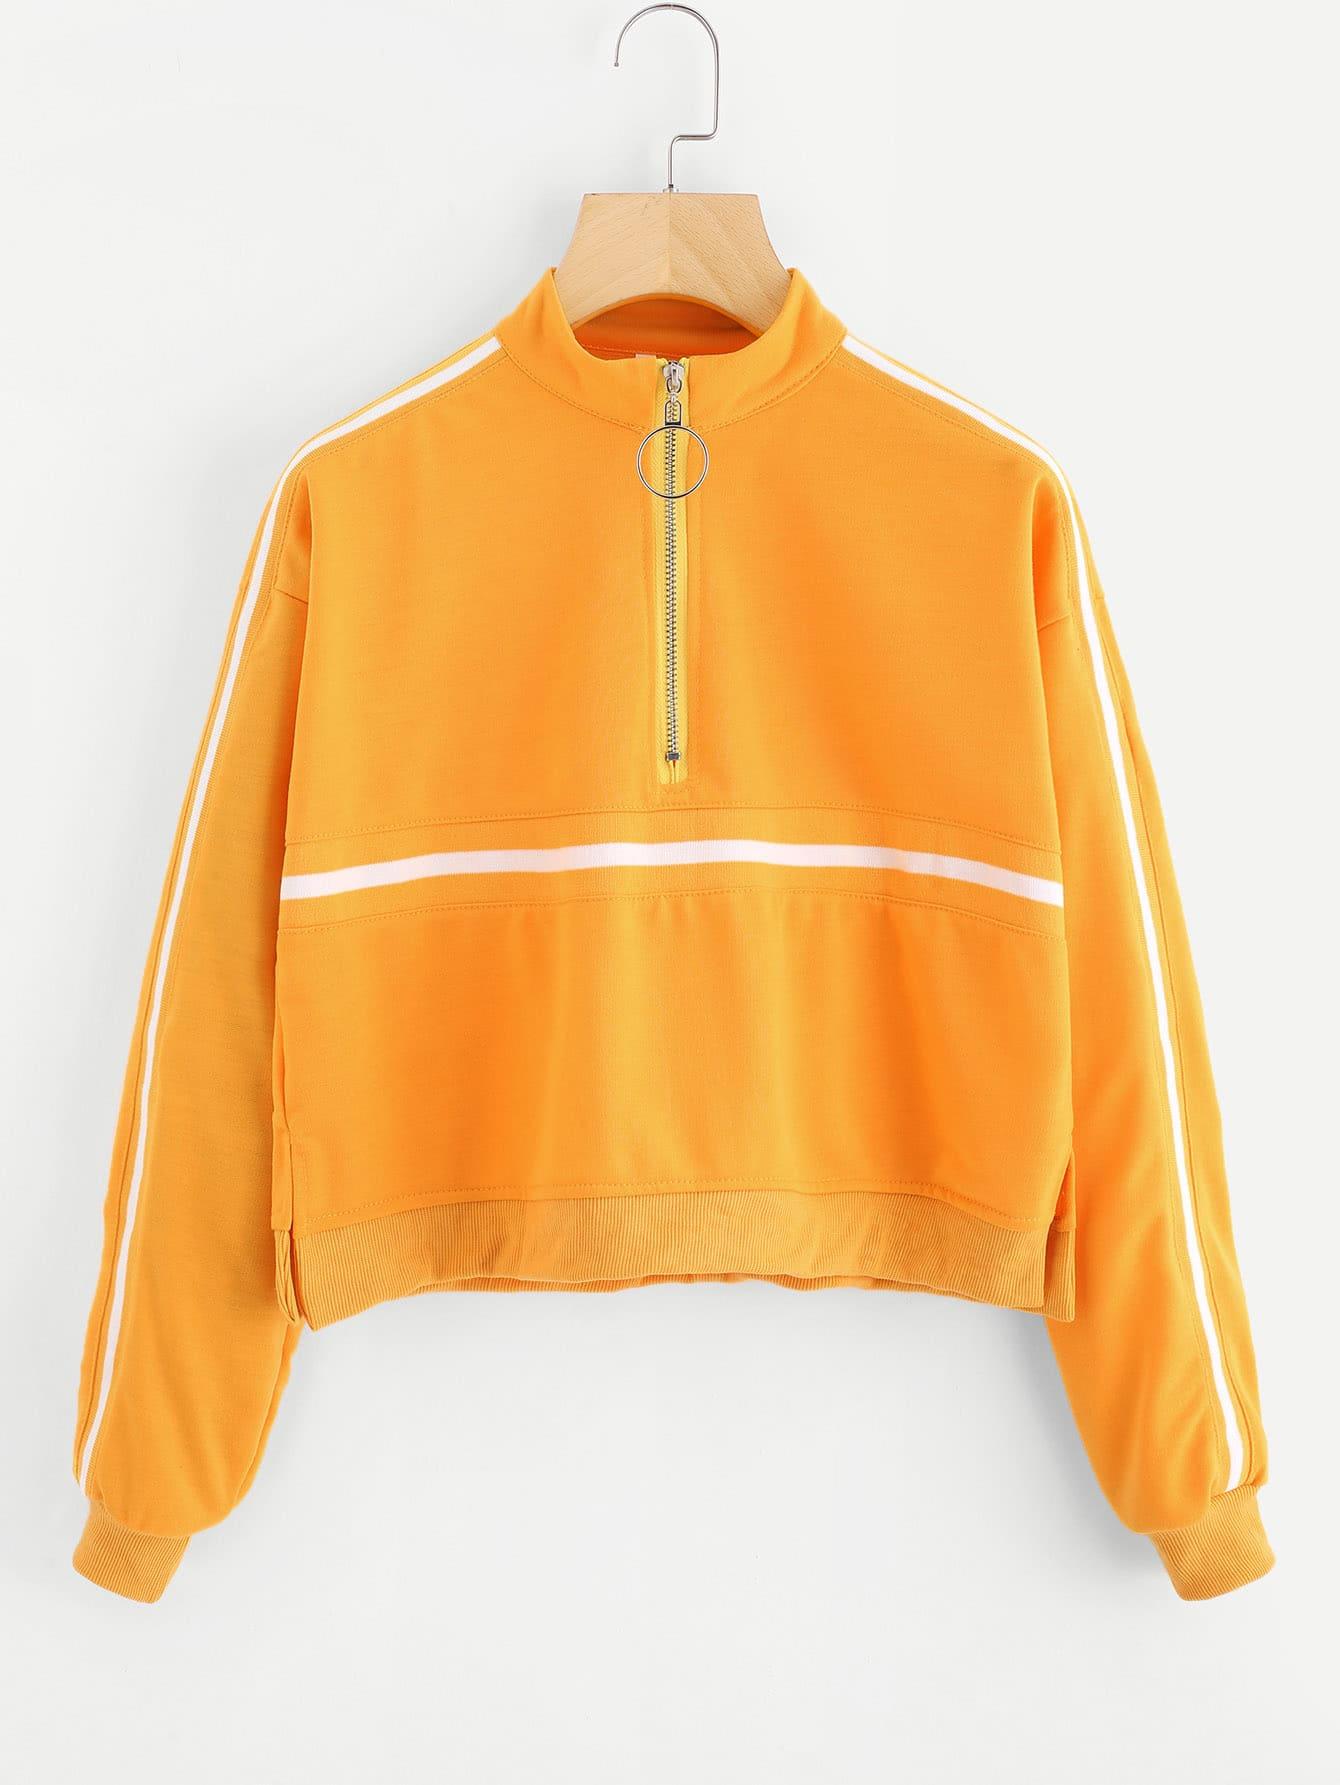 Купить Видспорта Полосатые изображения на молнии Пуловеры Желтый Свитшоты, null, SheIn